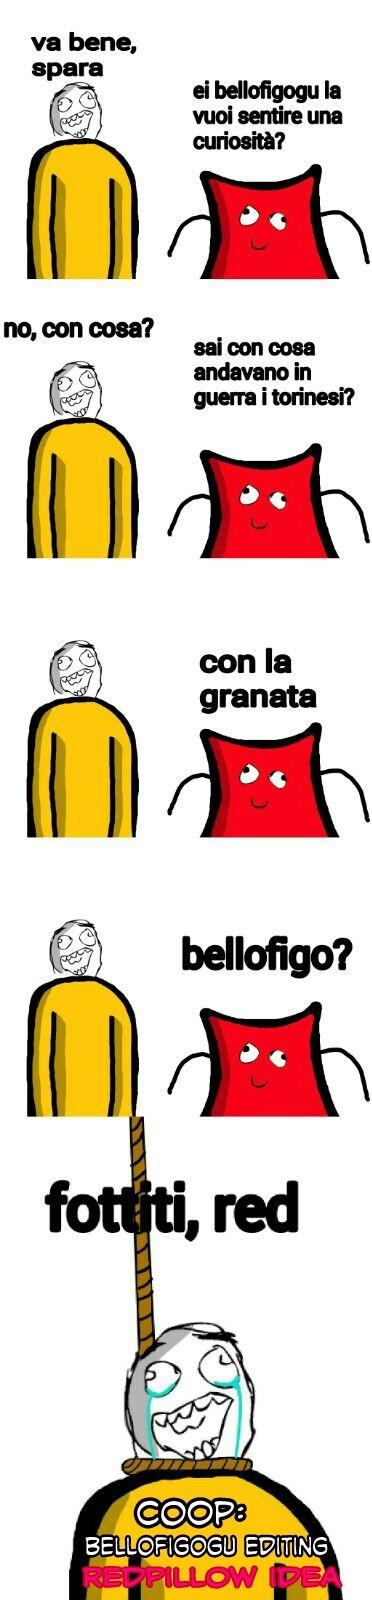 Spero piaccia coop con Bellofigogu! Cito Maty774 e GiordanoTrinca - meme